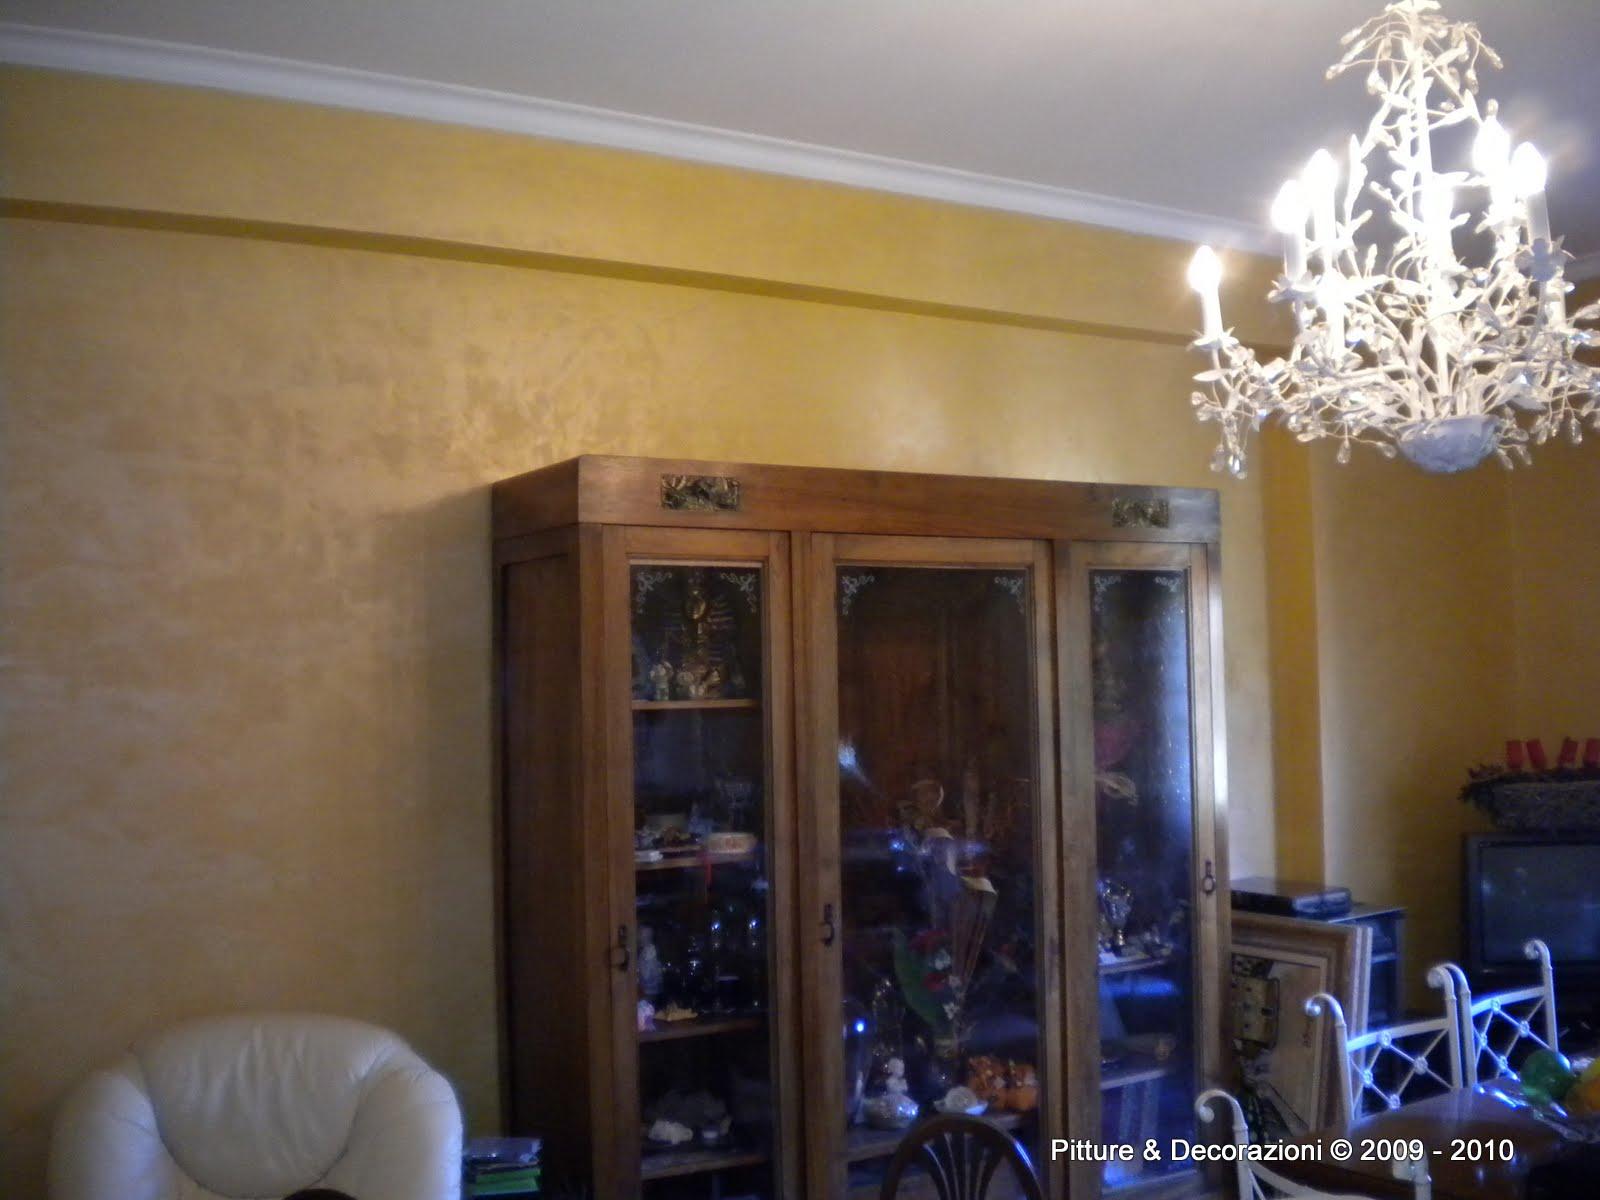 Camere Da Letto Di Pregio : Pitture decorazioni ottocento antico velluto oikos